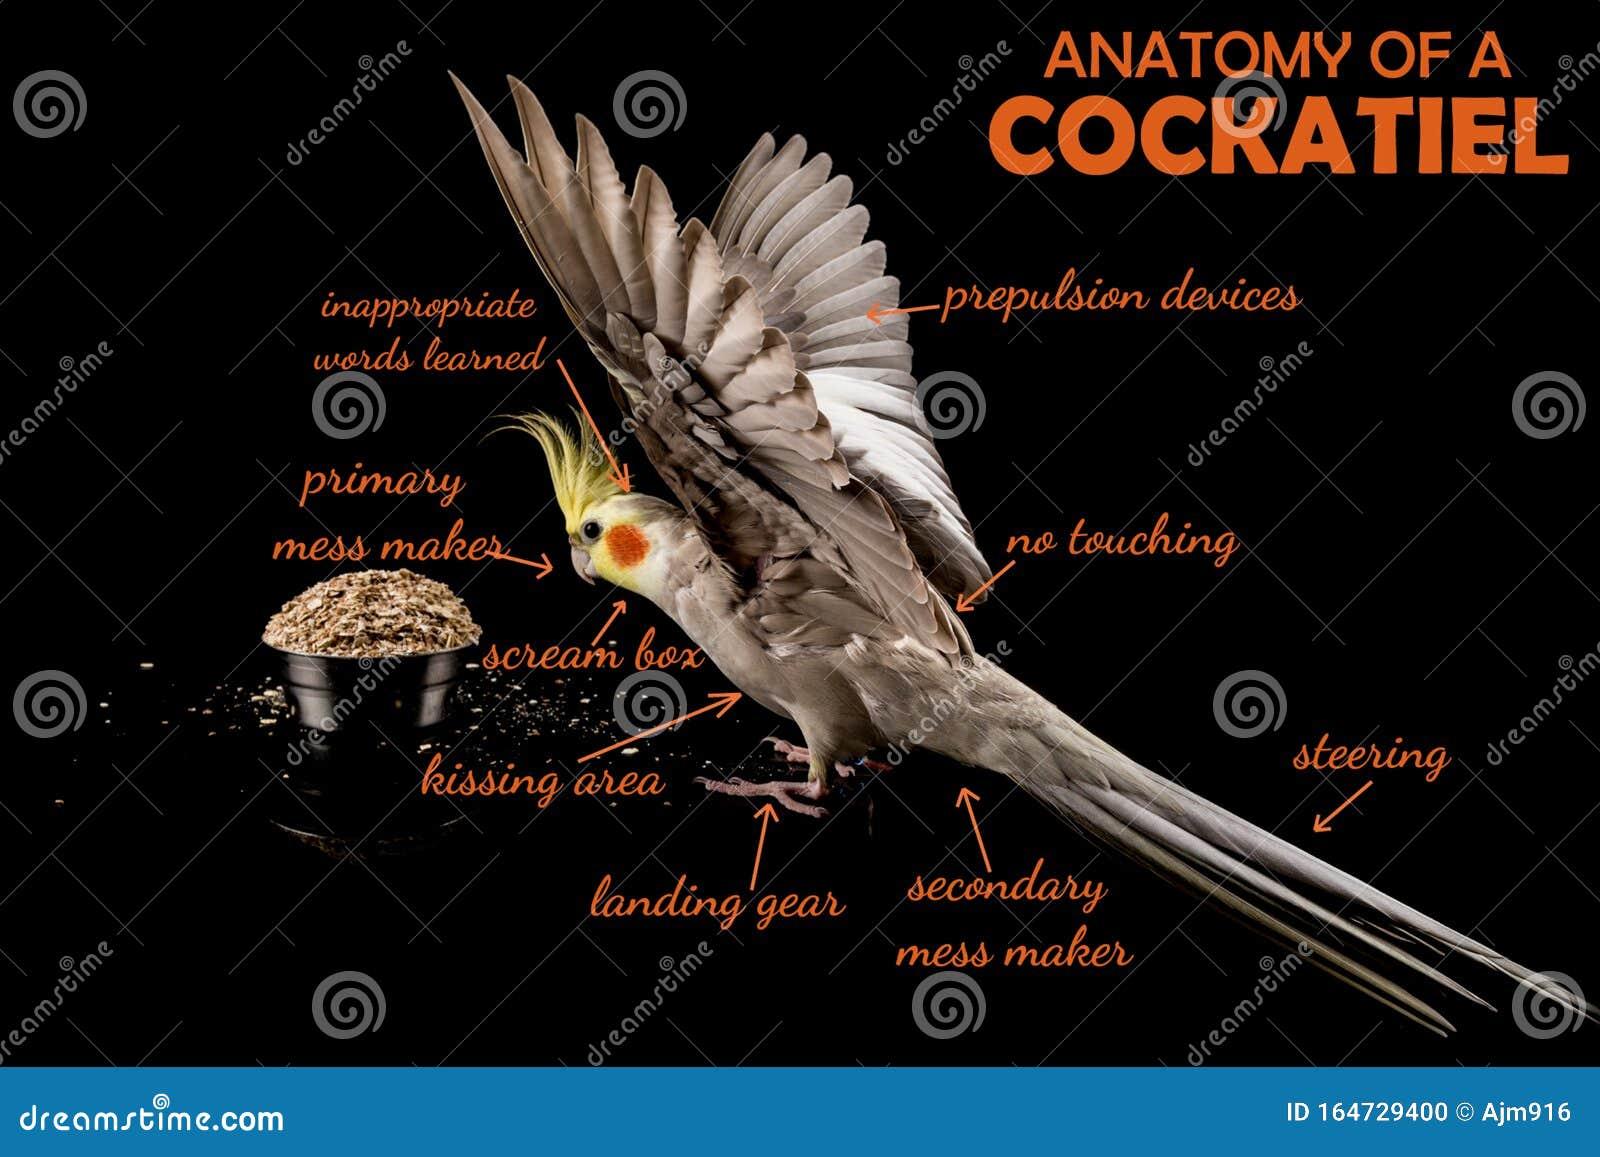 Meme, Anatomy Of A Cockatiel, Sarcastic Funny Bird Memes ...